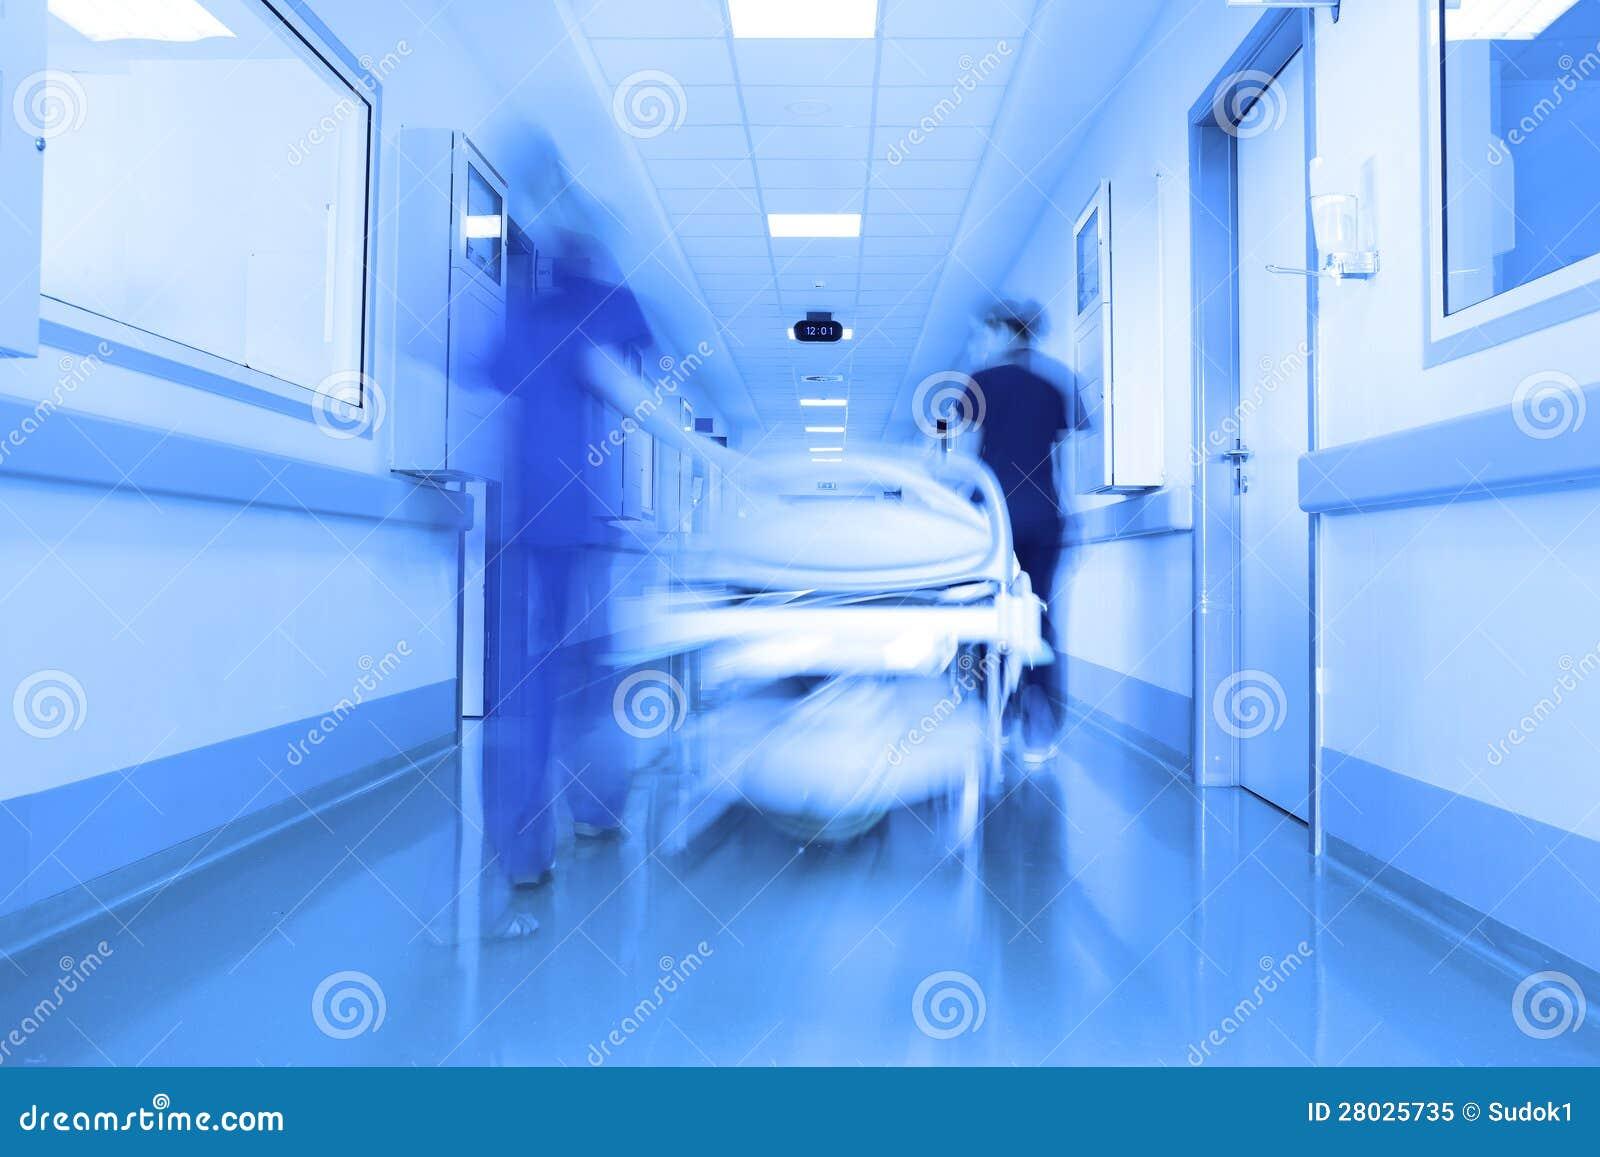 Σπορείο σε έναν σύγχρονο διάδρομο κλινικών